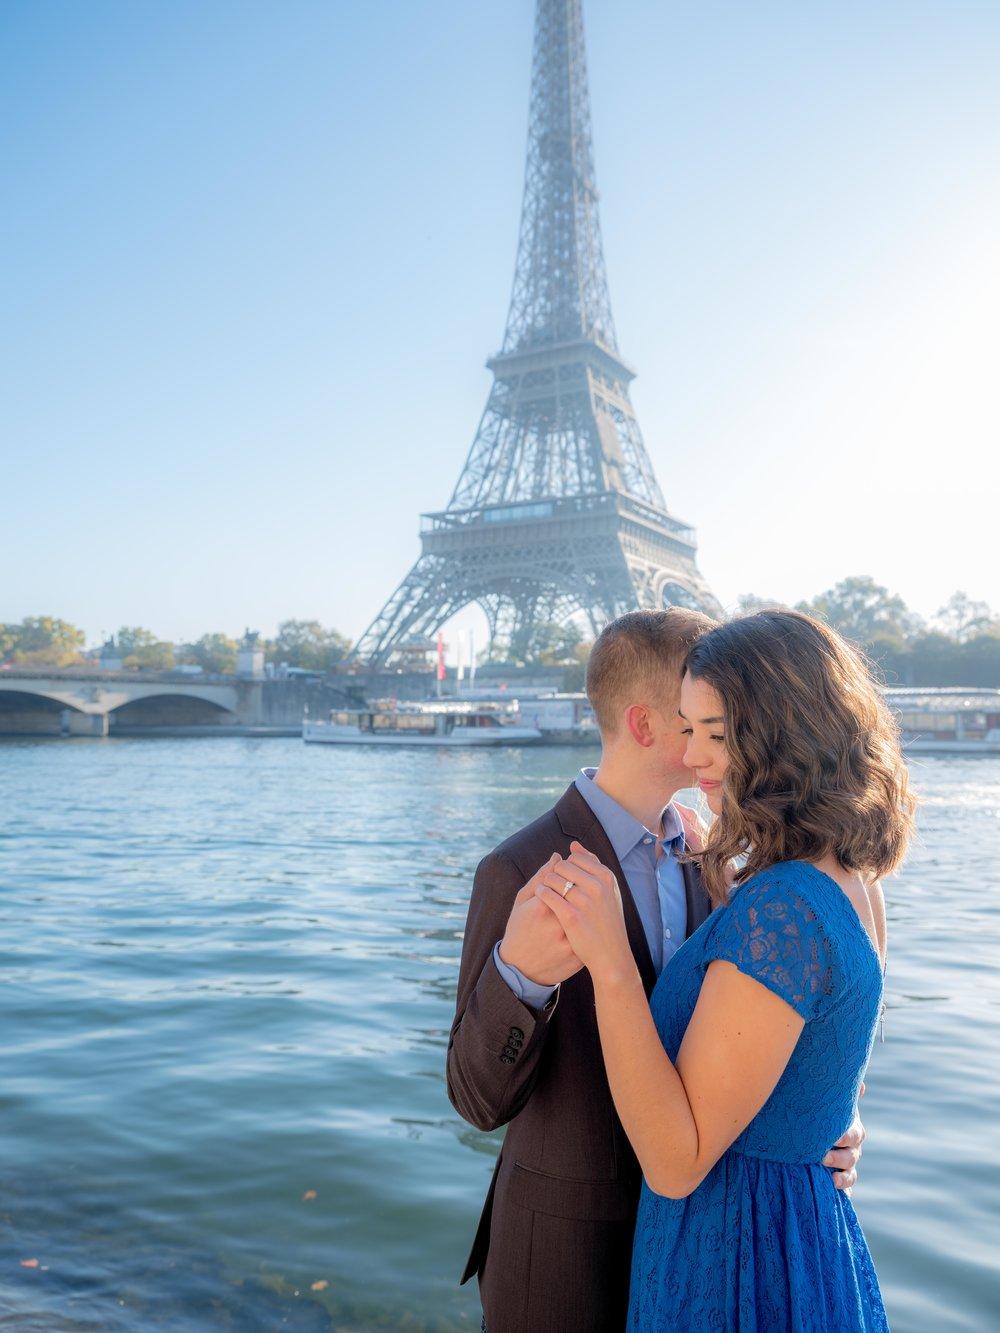 romantic young couples engagement eiffel tower paris